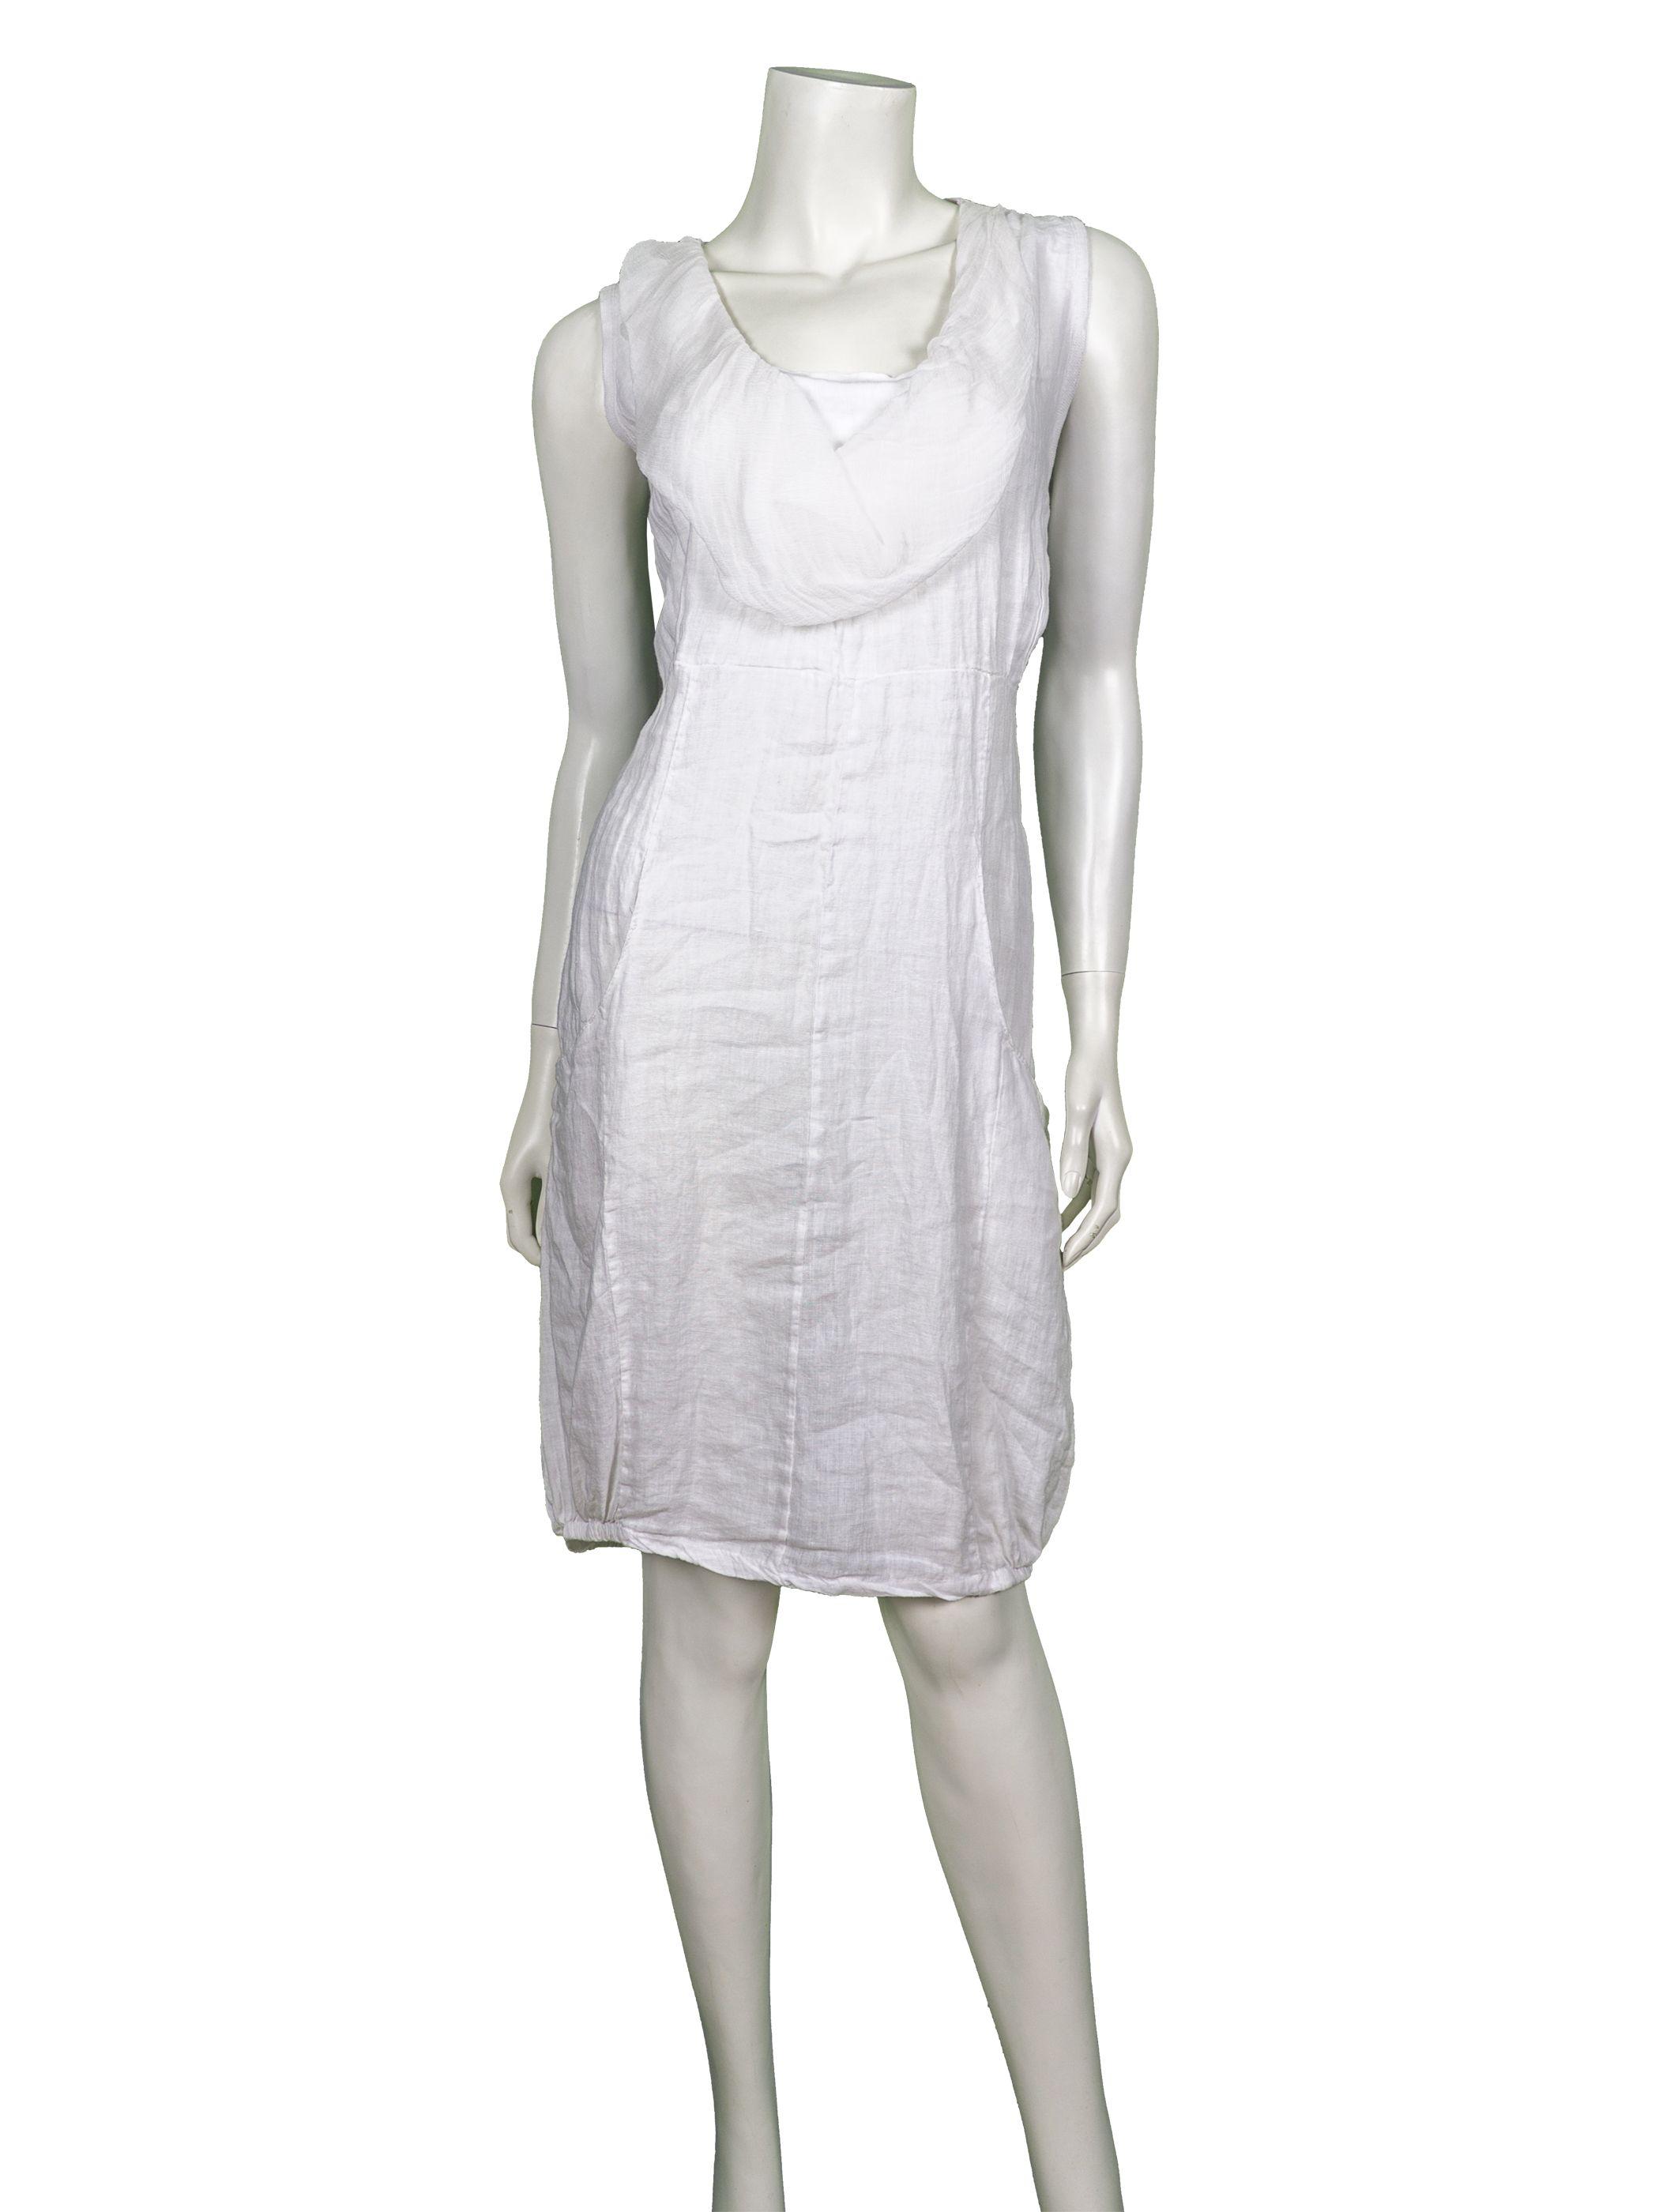 tunikakleid aus leinen, weiss - online shop meinkleidchen.de